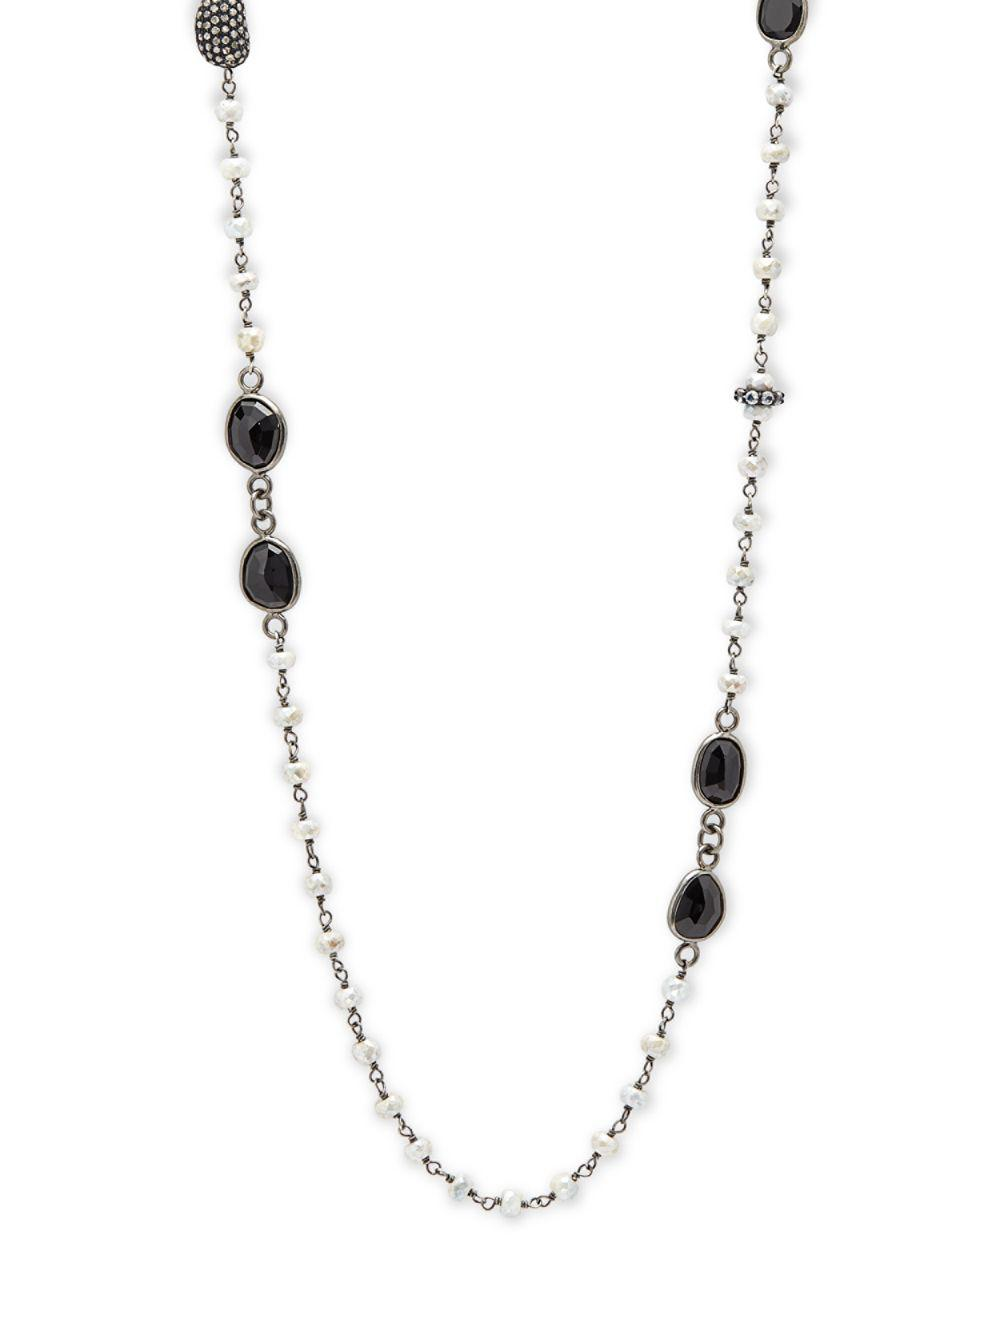 Bavna Single-Strand Black Spinel Necklace JsLDXD